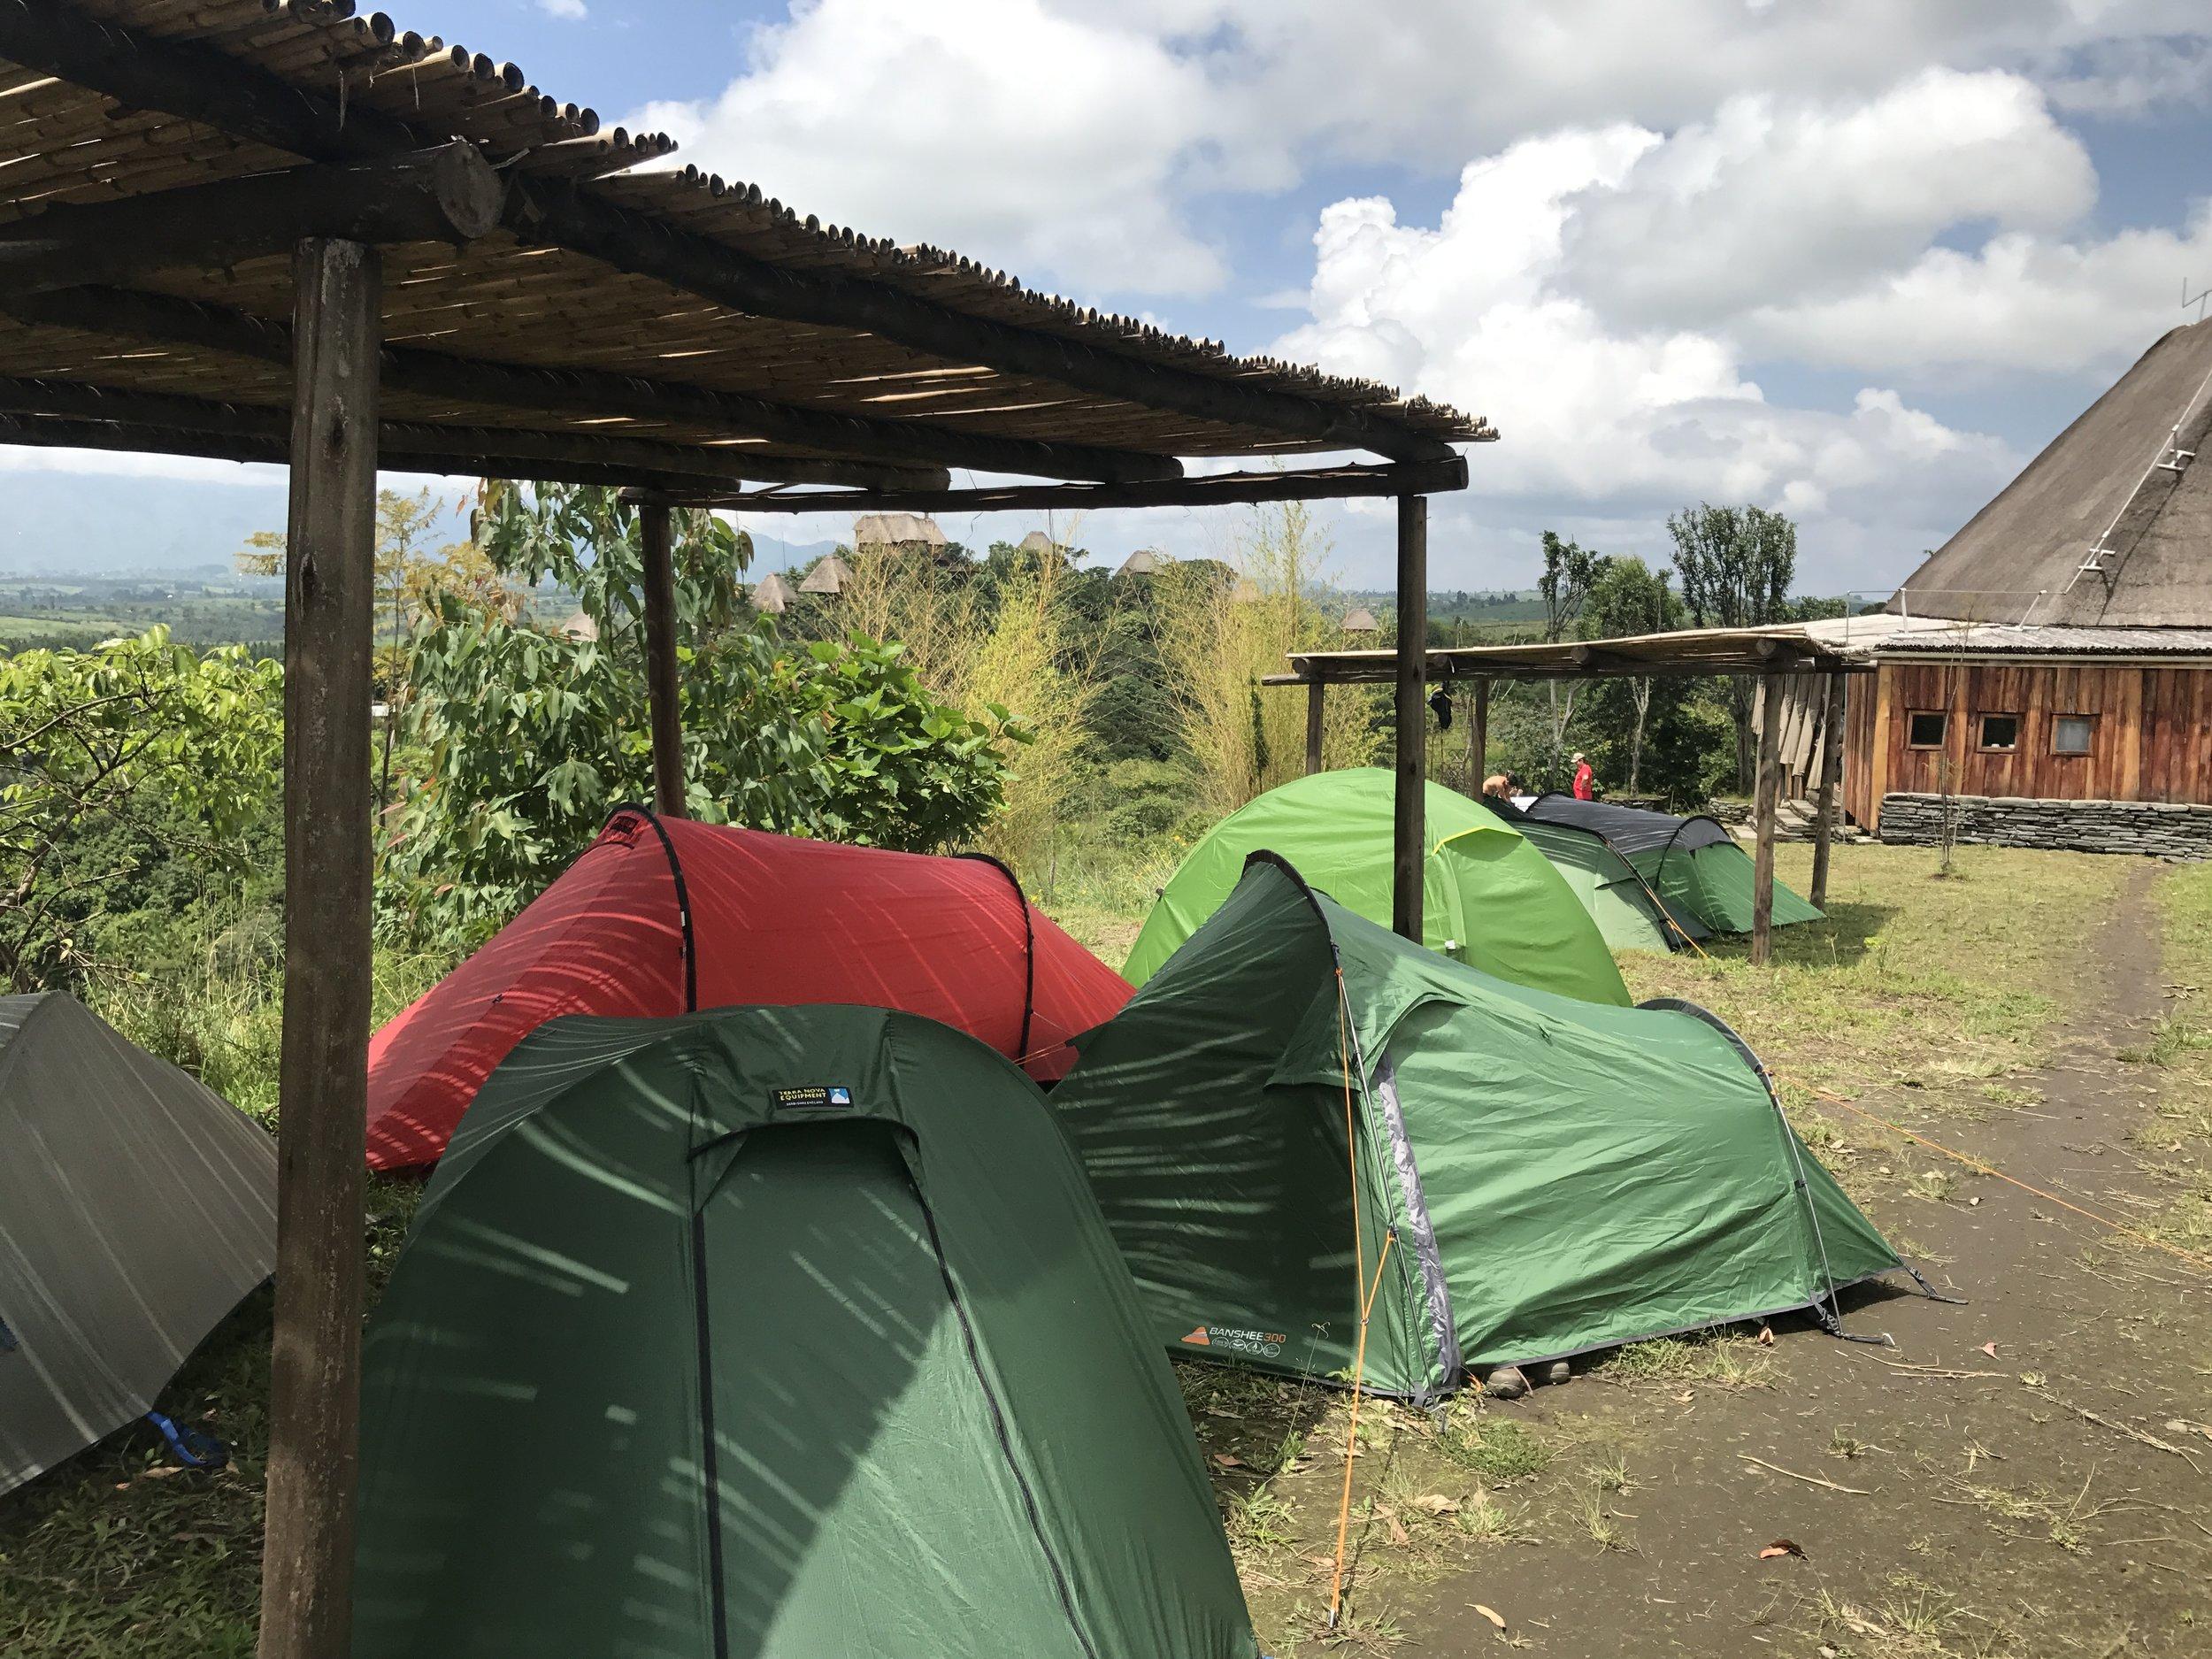 Camping Uganda, Marathon HQ